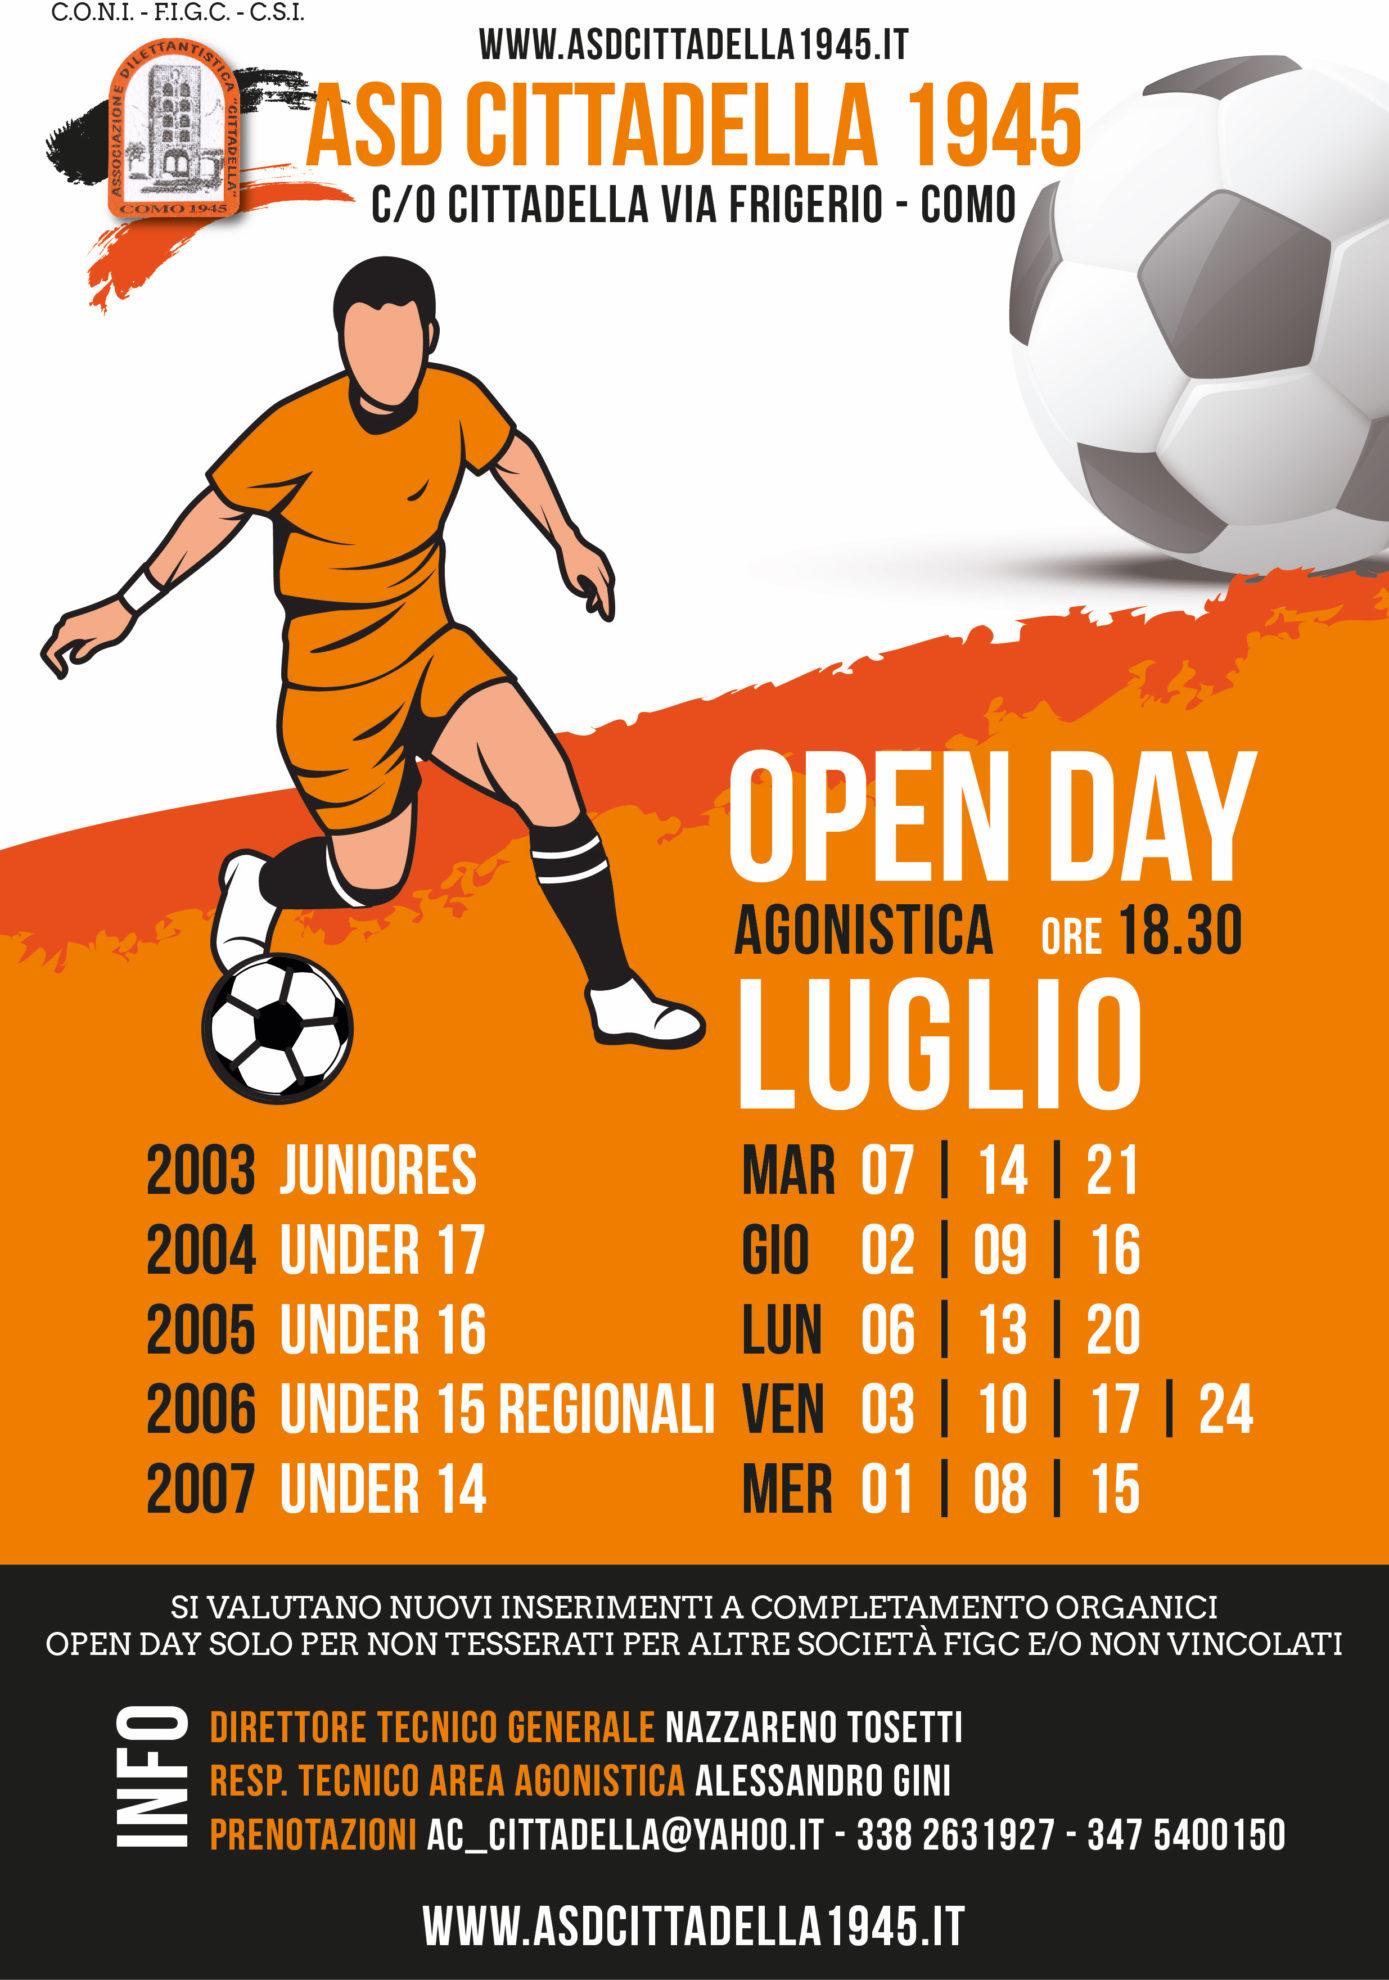 OPEN DAY Cittadella AGONISTICA 2O020 2021